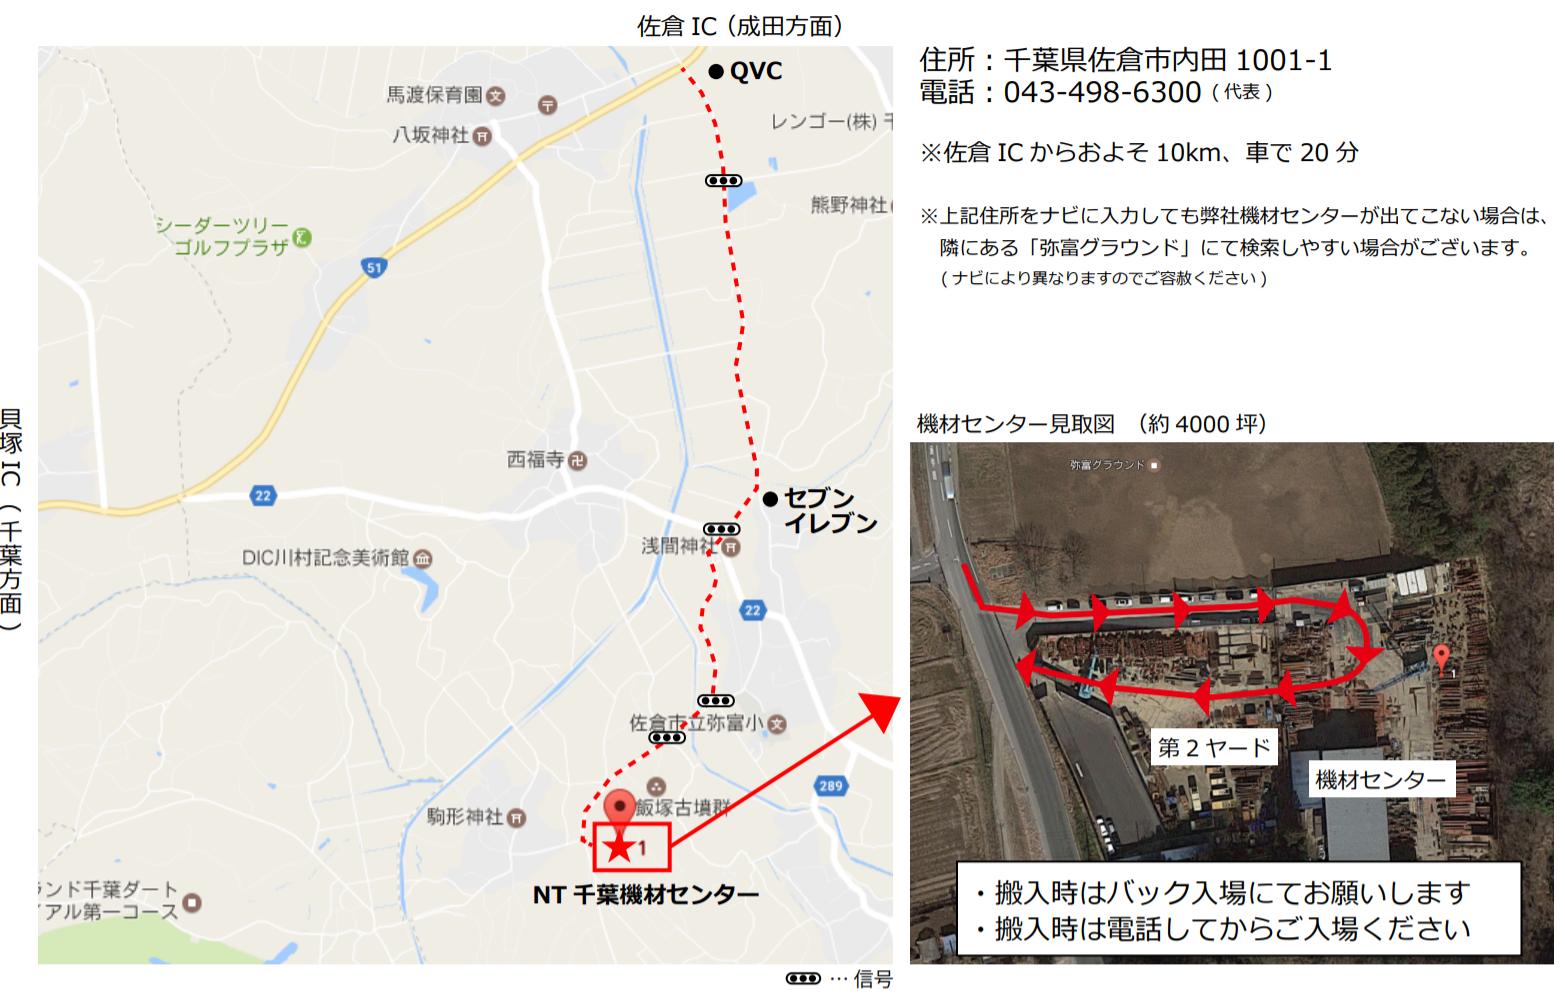 千葉機材センター地図